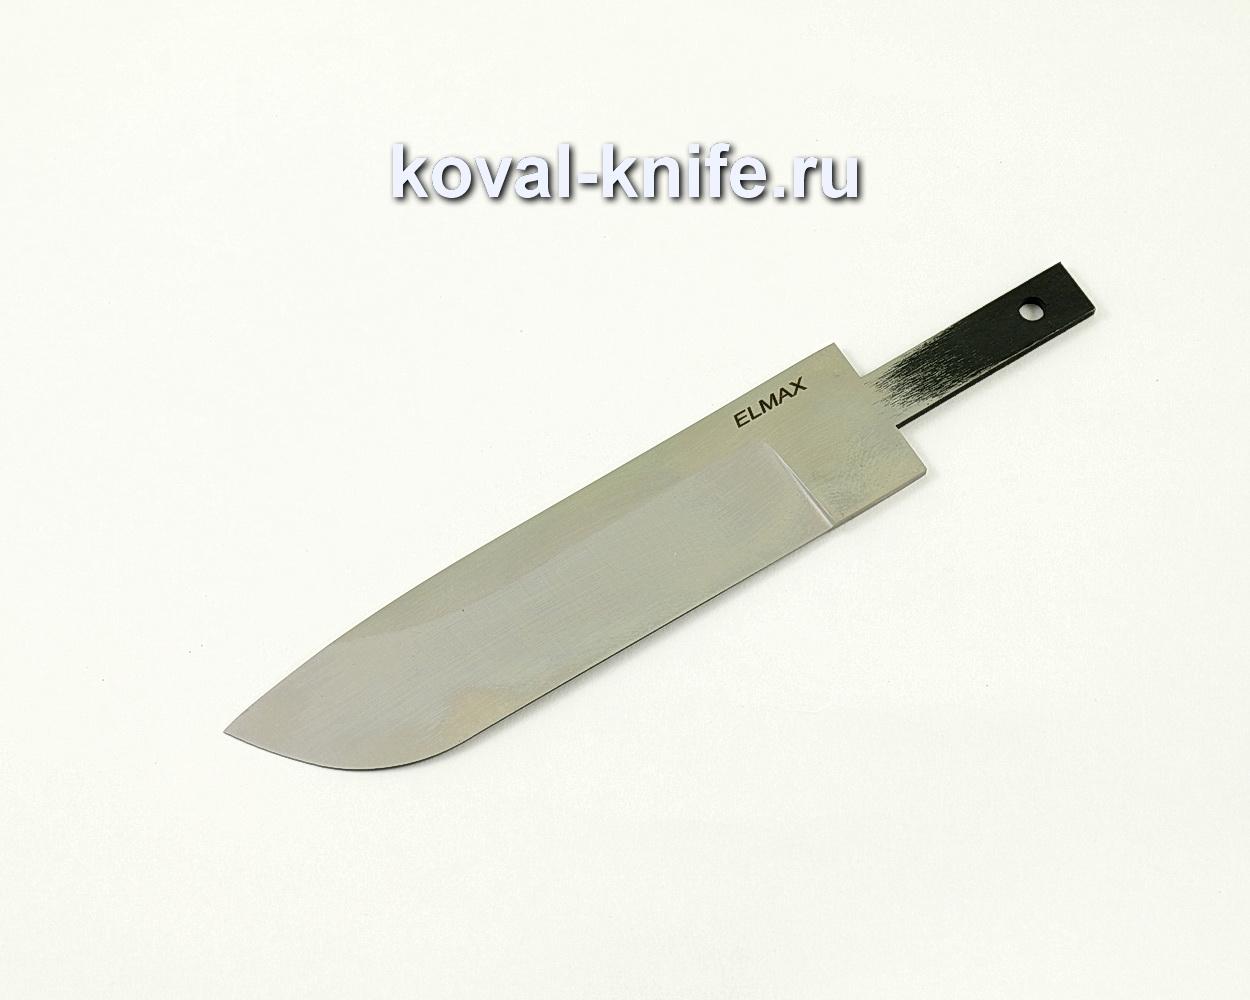 Клинок для ножа из порошковой стали Elmax Белка